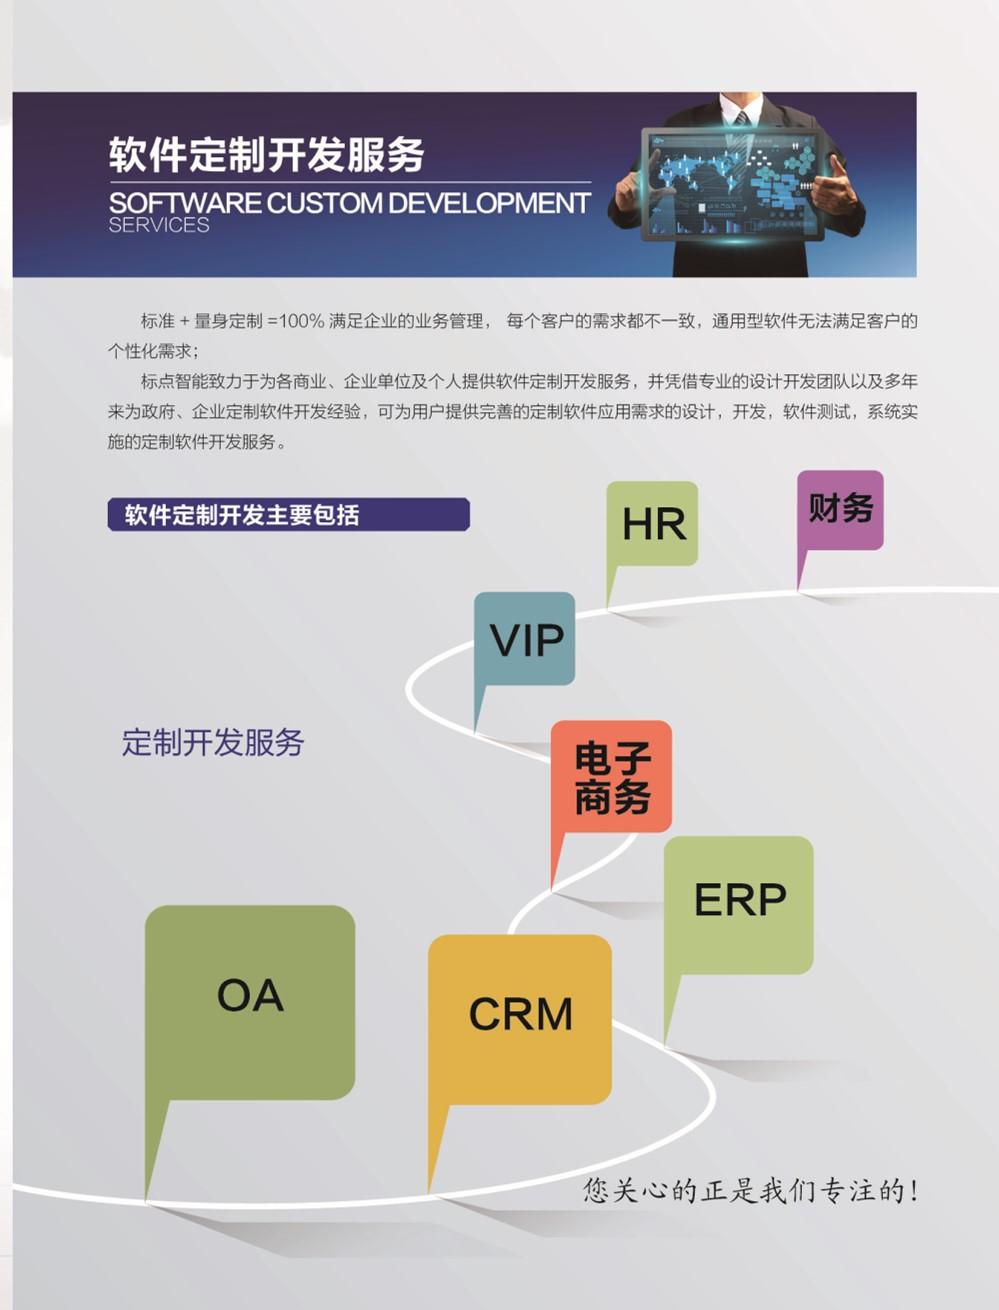 软件开发及服务.jpg